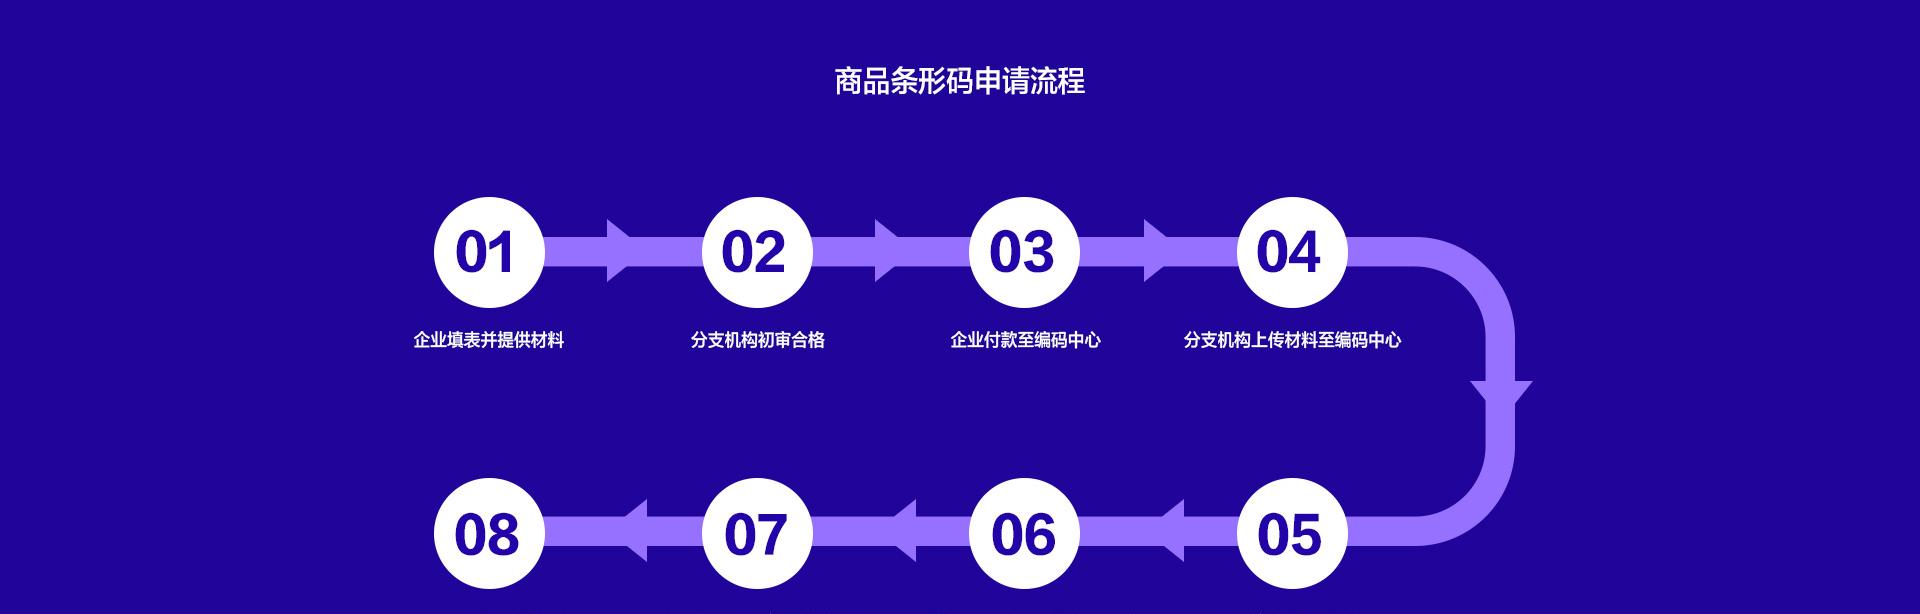 商品条形码-PC_04.jpg